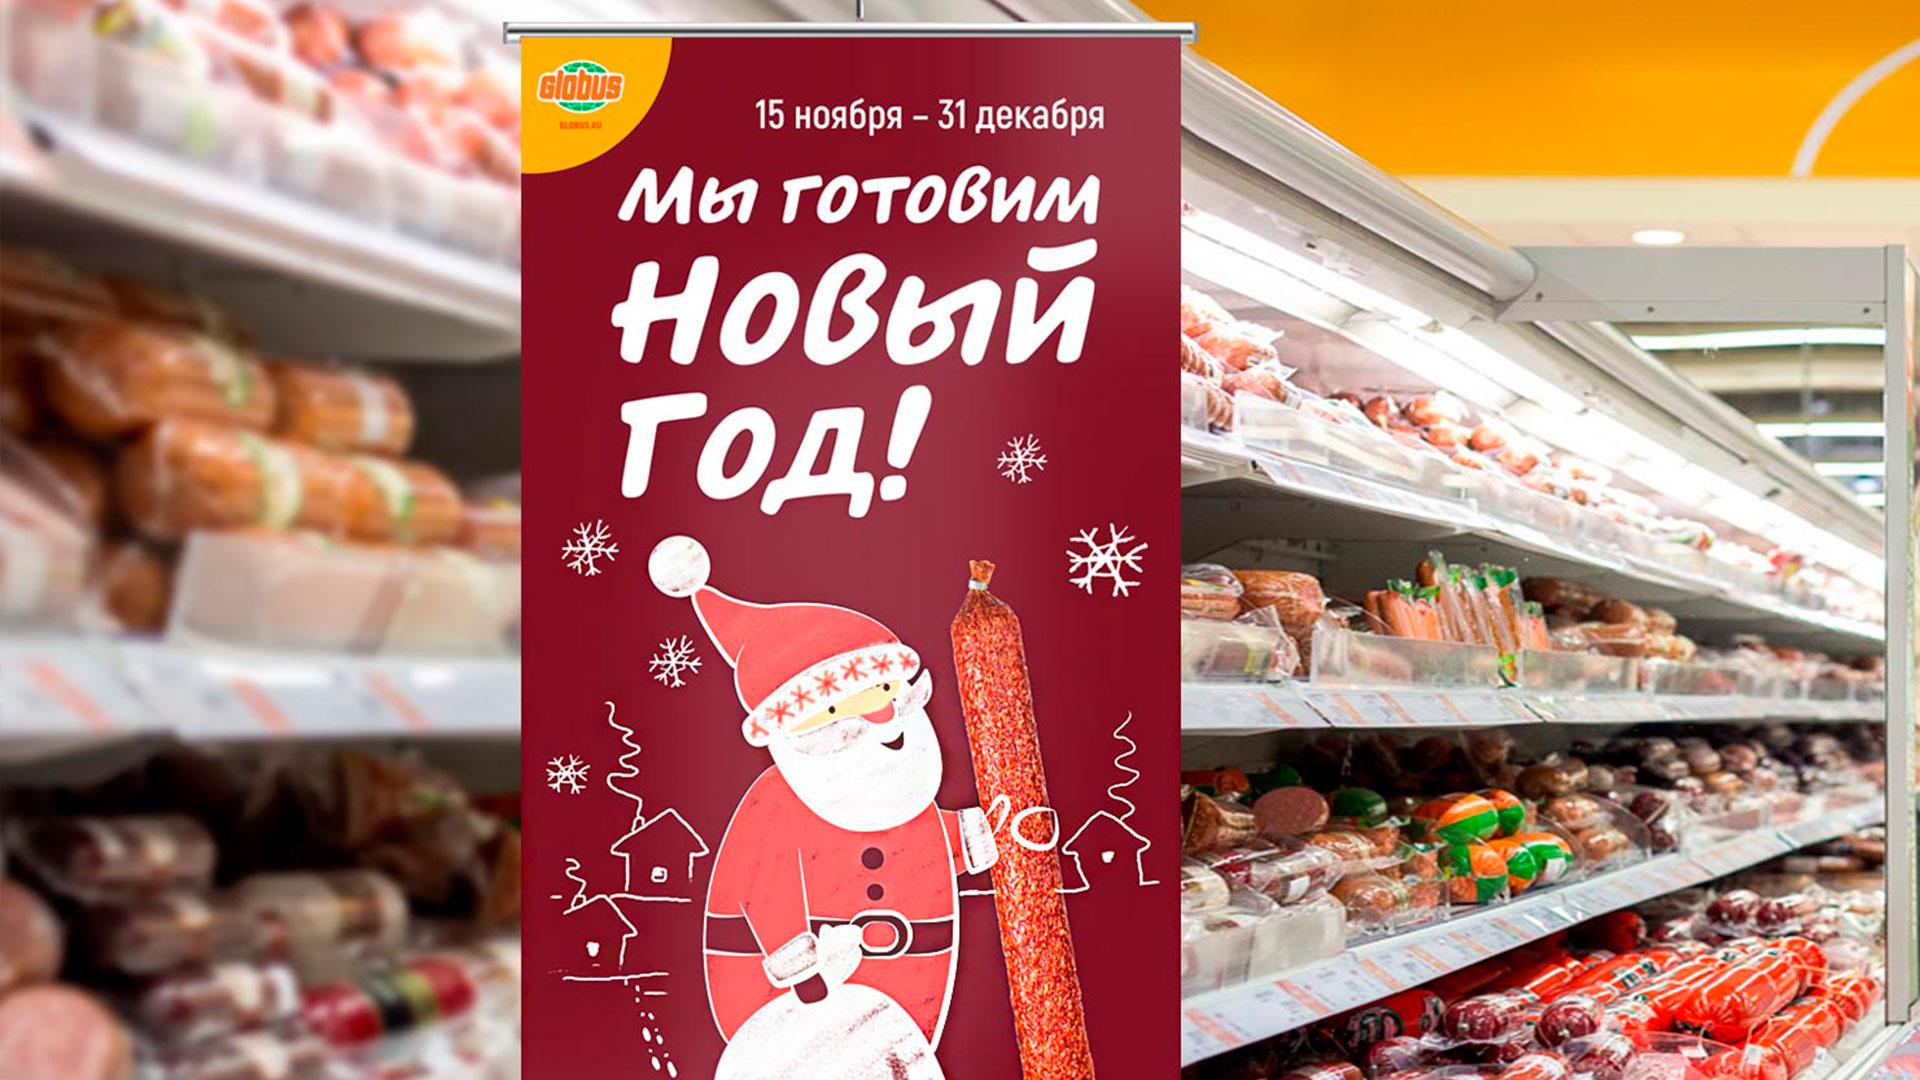 Реклама и оформление торгового пространства для гипермаркетов Глобус